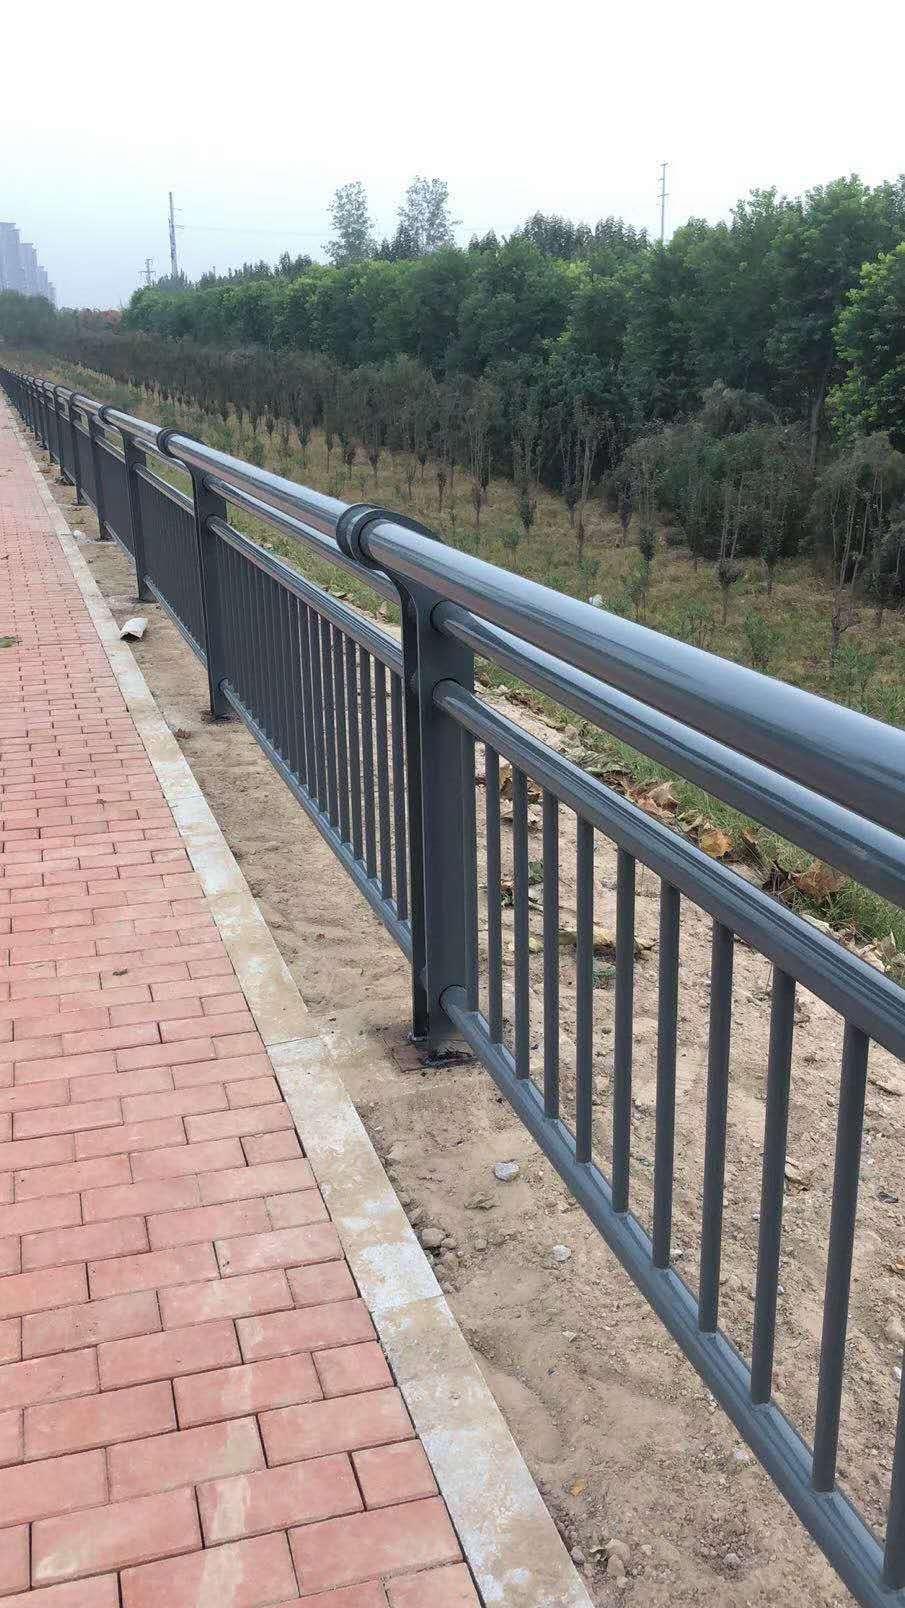 内江304不锈钢护栏源头生产厂家铸造石护栏多少钱一米